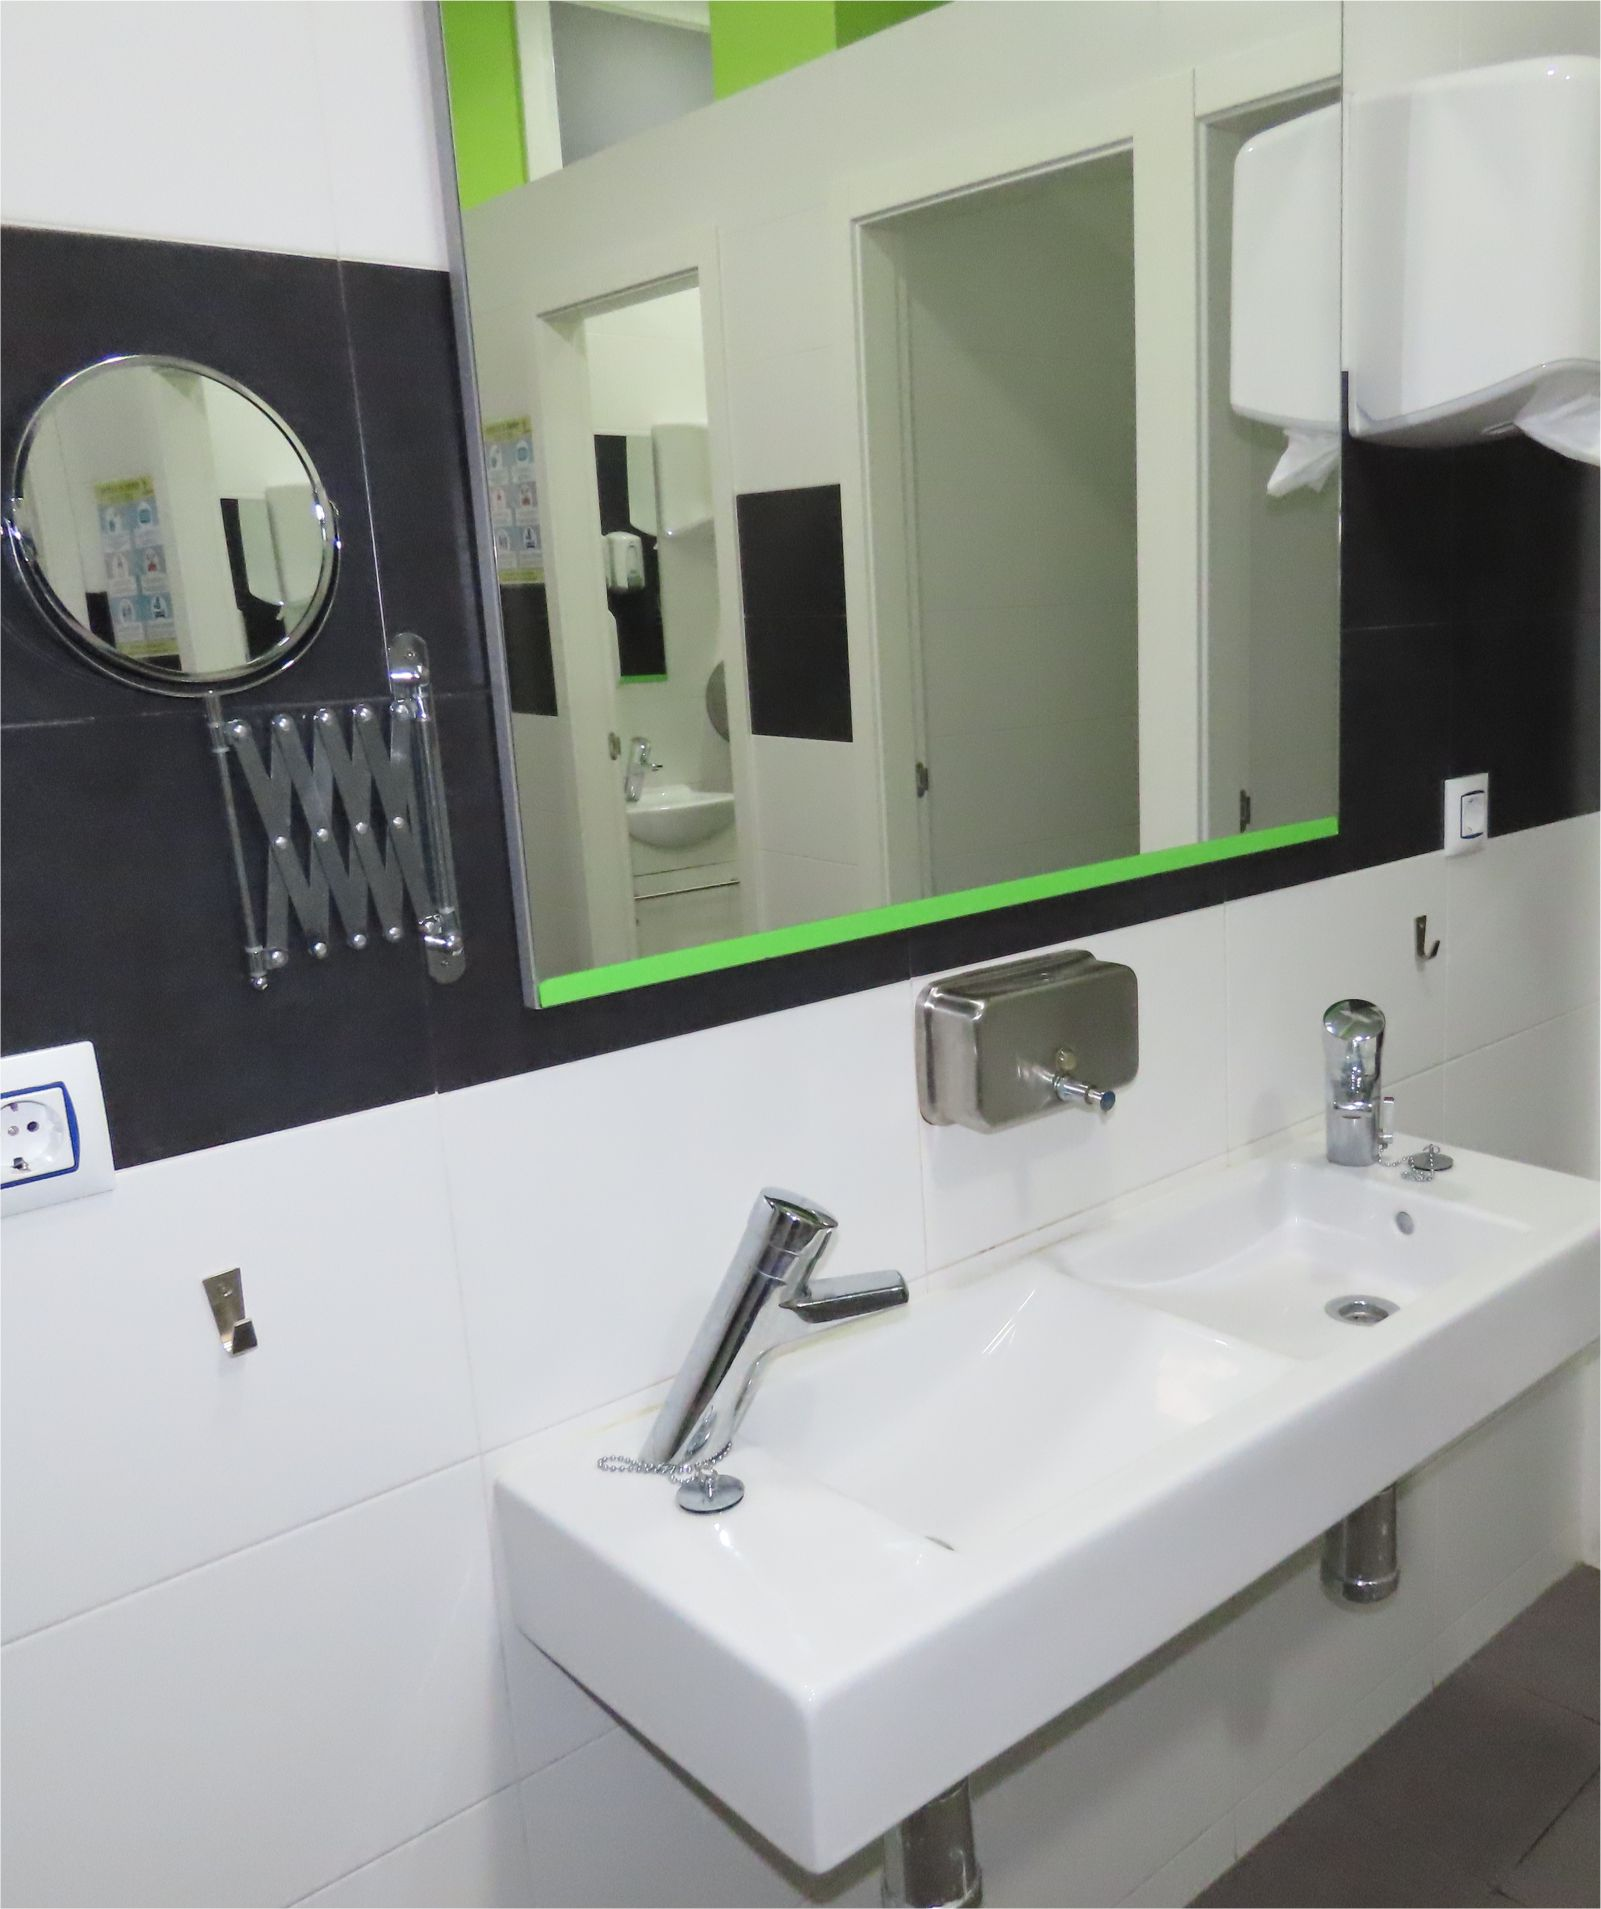 Pileta con espejos - Mirror washbasin - Albergue Corredoiras